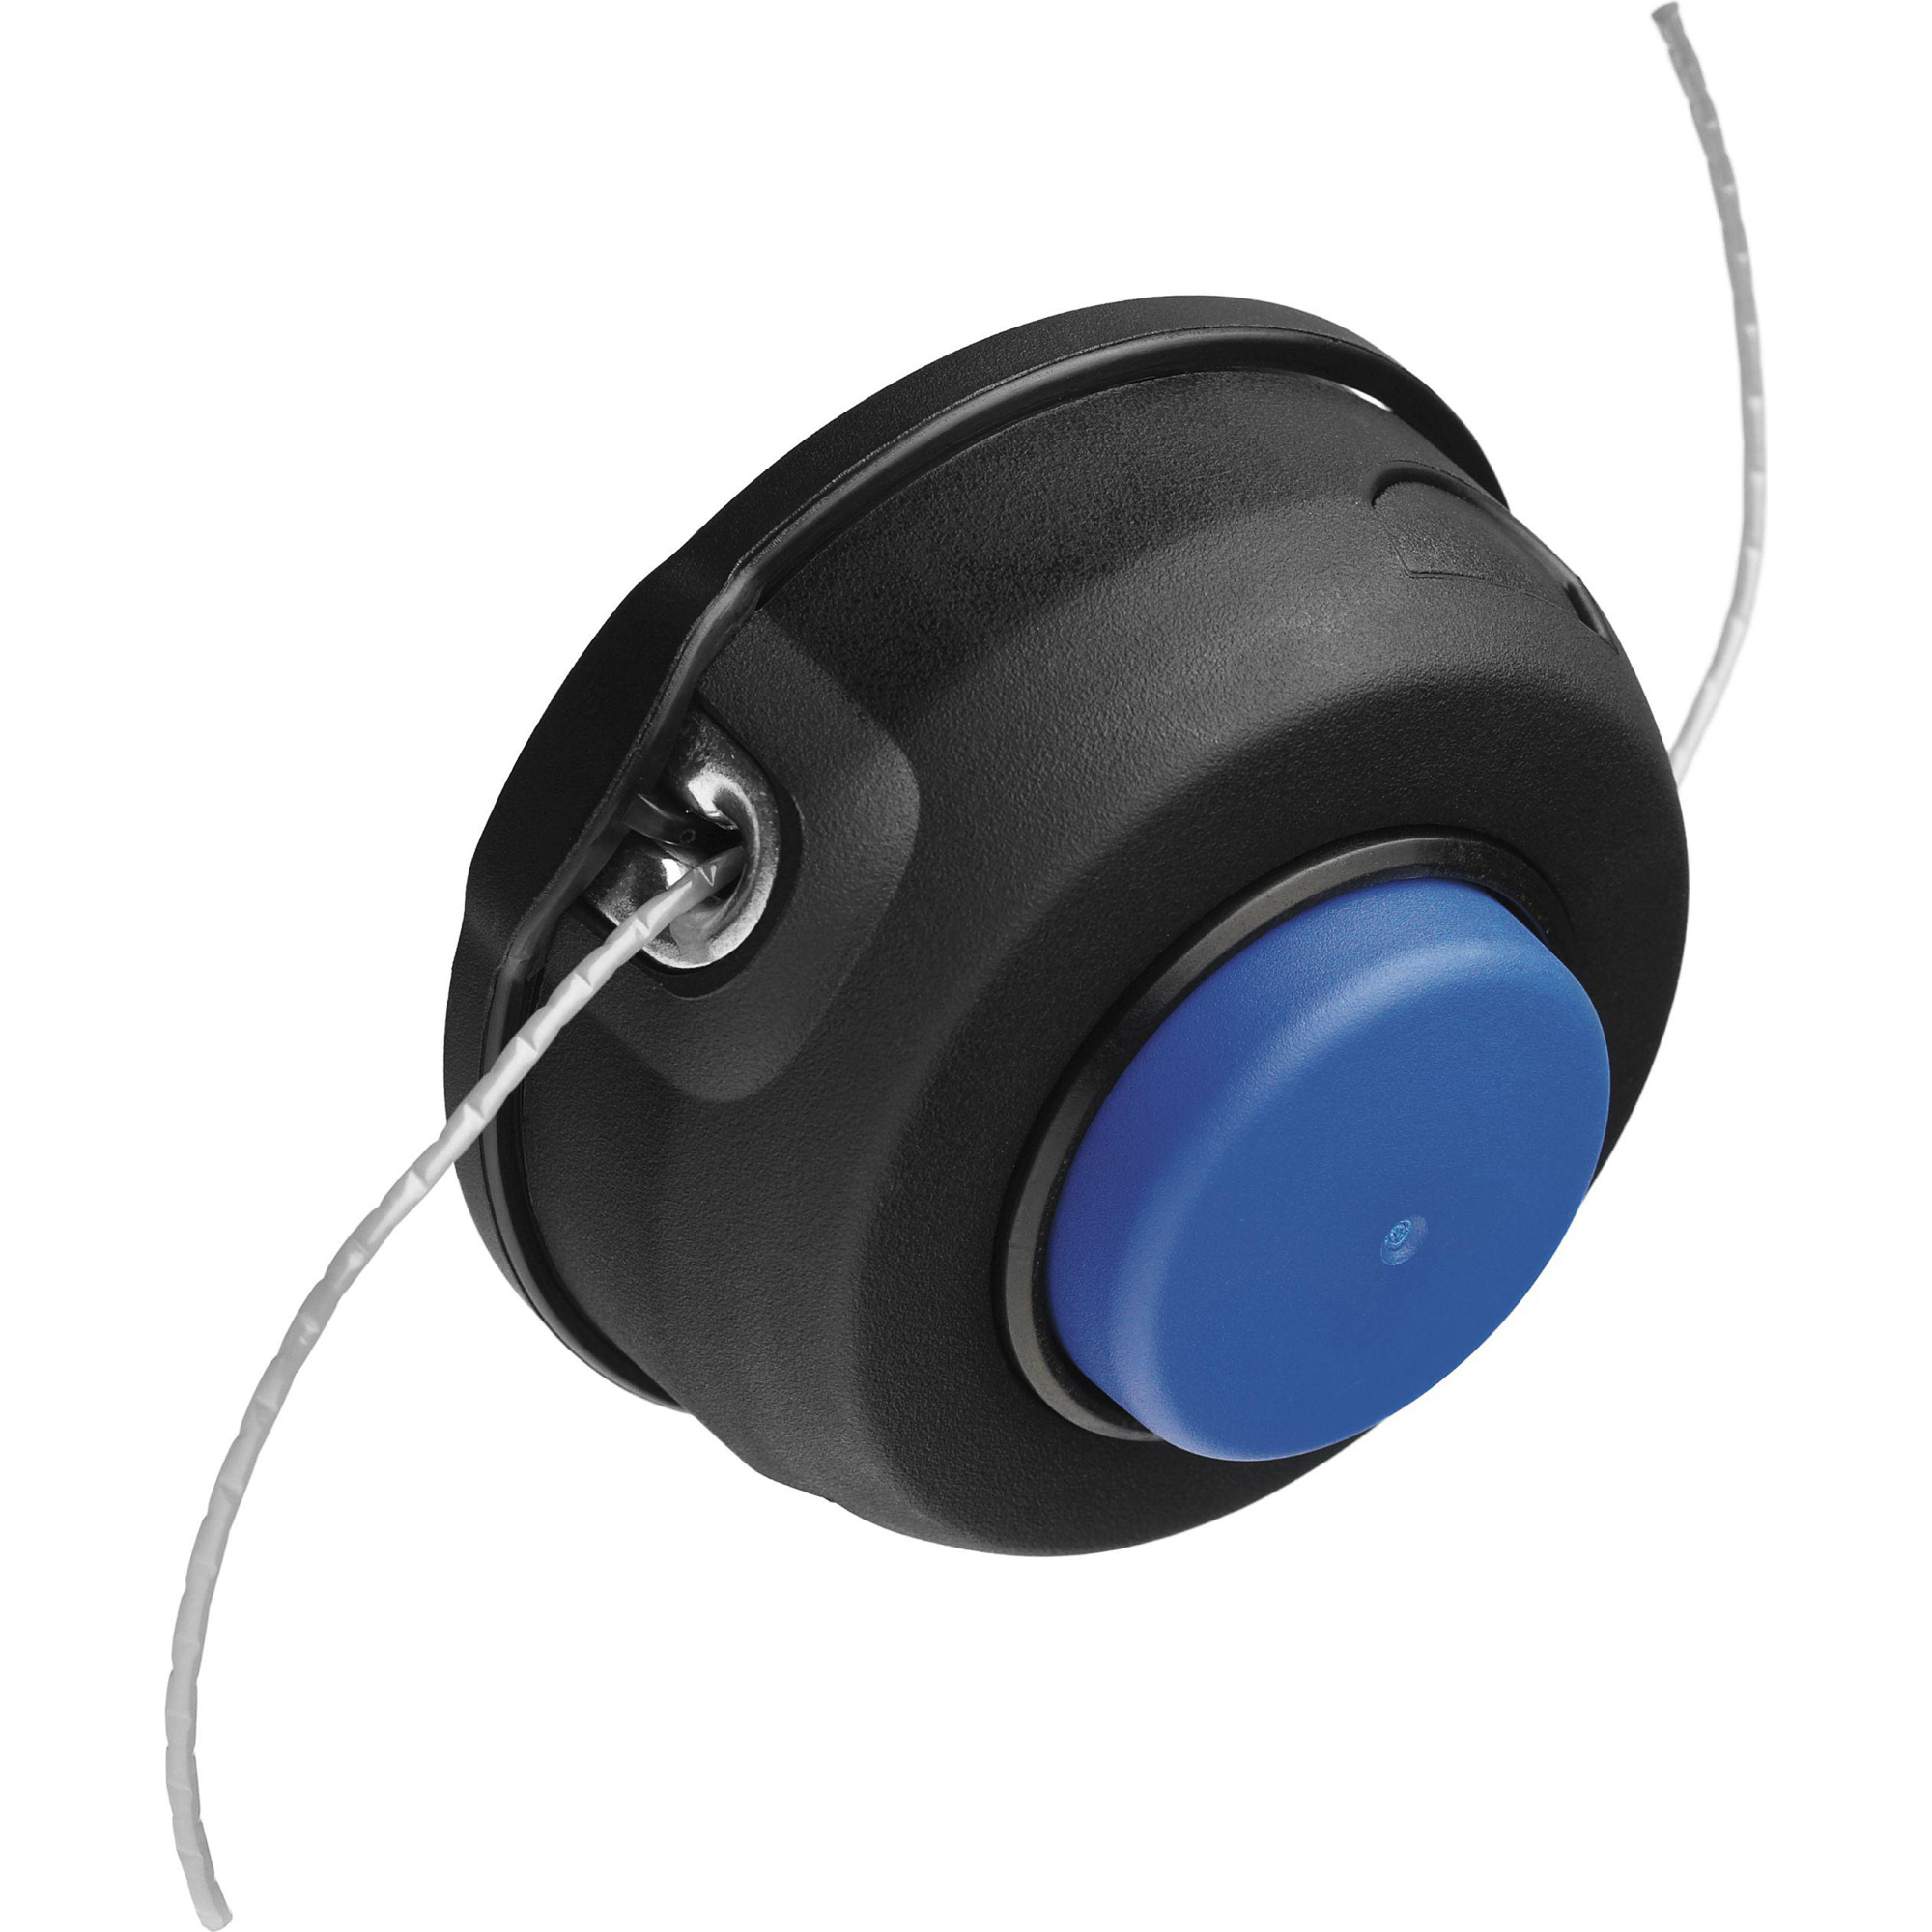 Купить Головка триммерная Husqvarna T25B M8, катушка, Швеция, синий, черный, металл, пластик